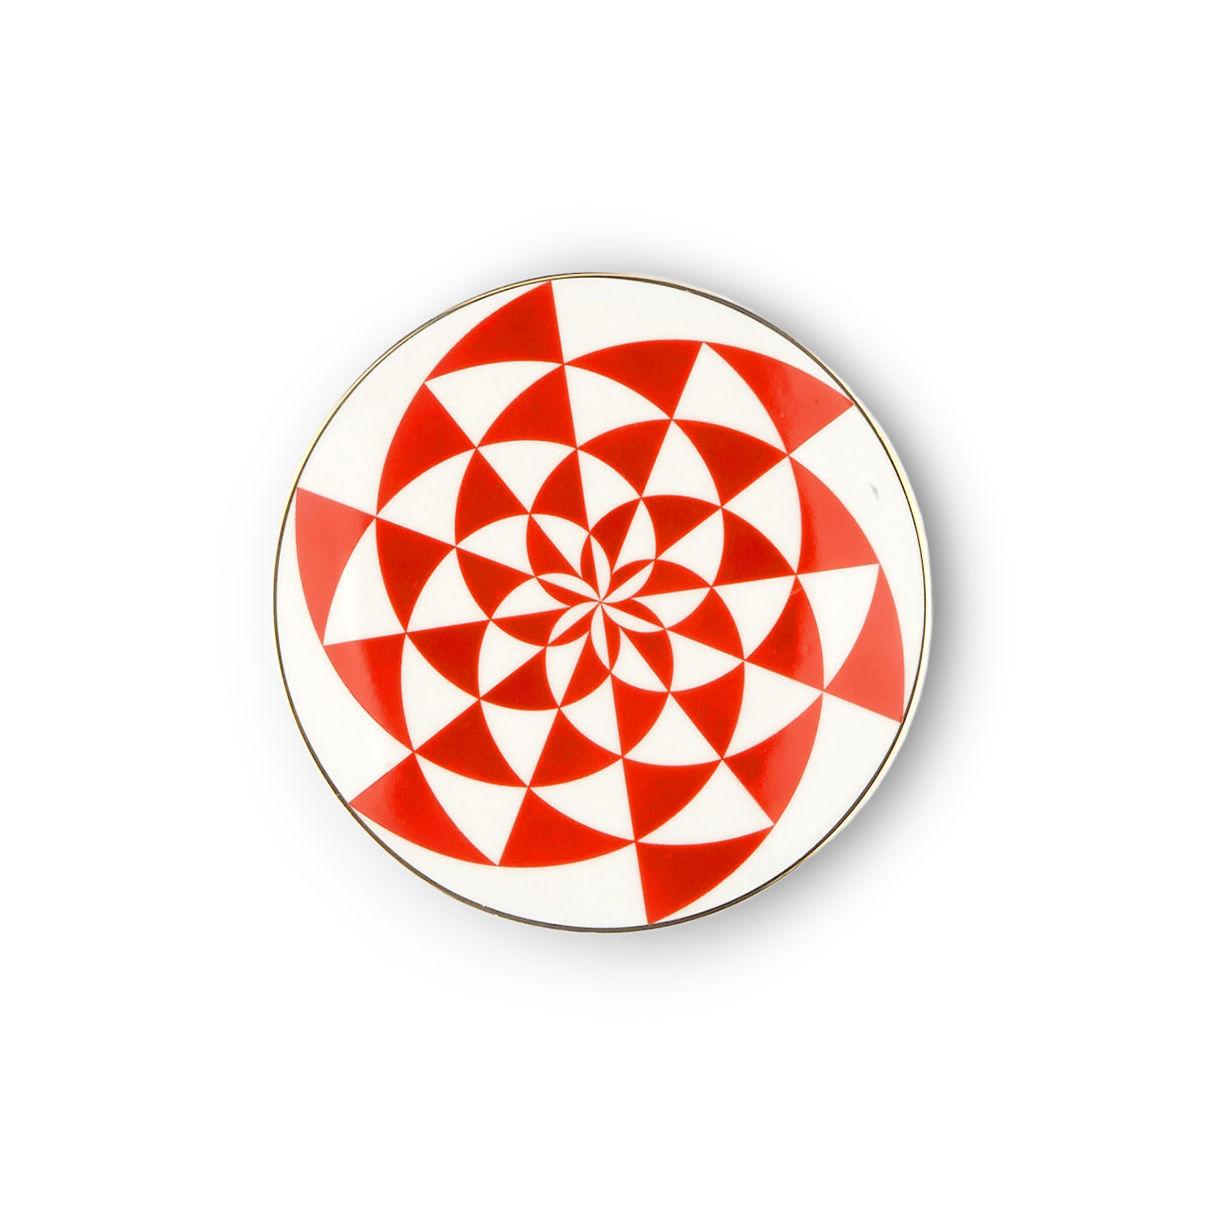 Tavola - Piatti  - Piatto per dolcetti Oracolo - / Ø 12 cm di Bitossi Home - Geometria - Porcellana